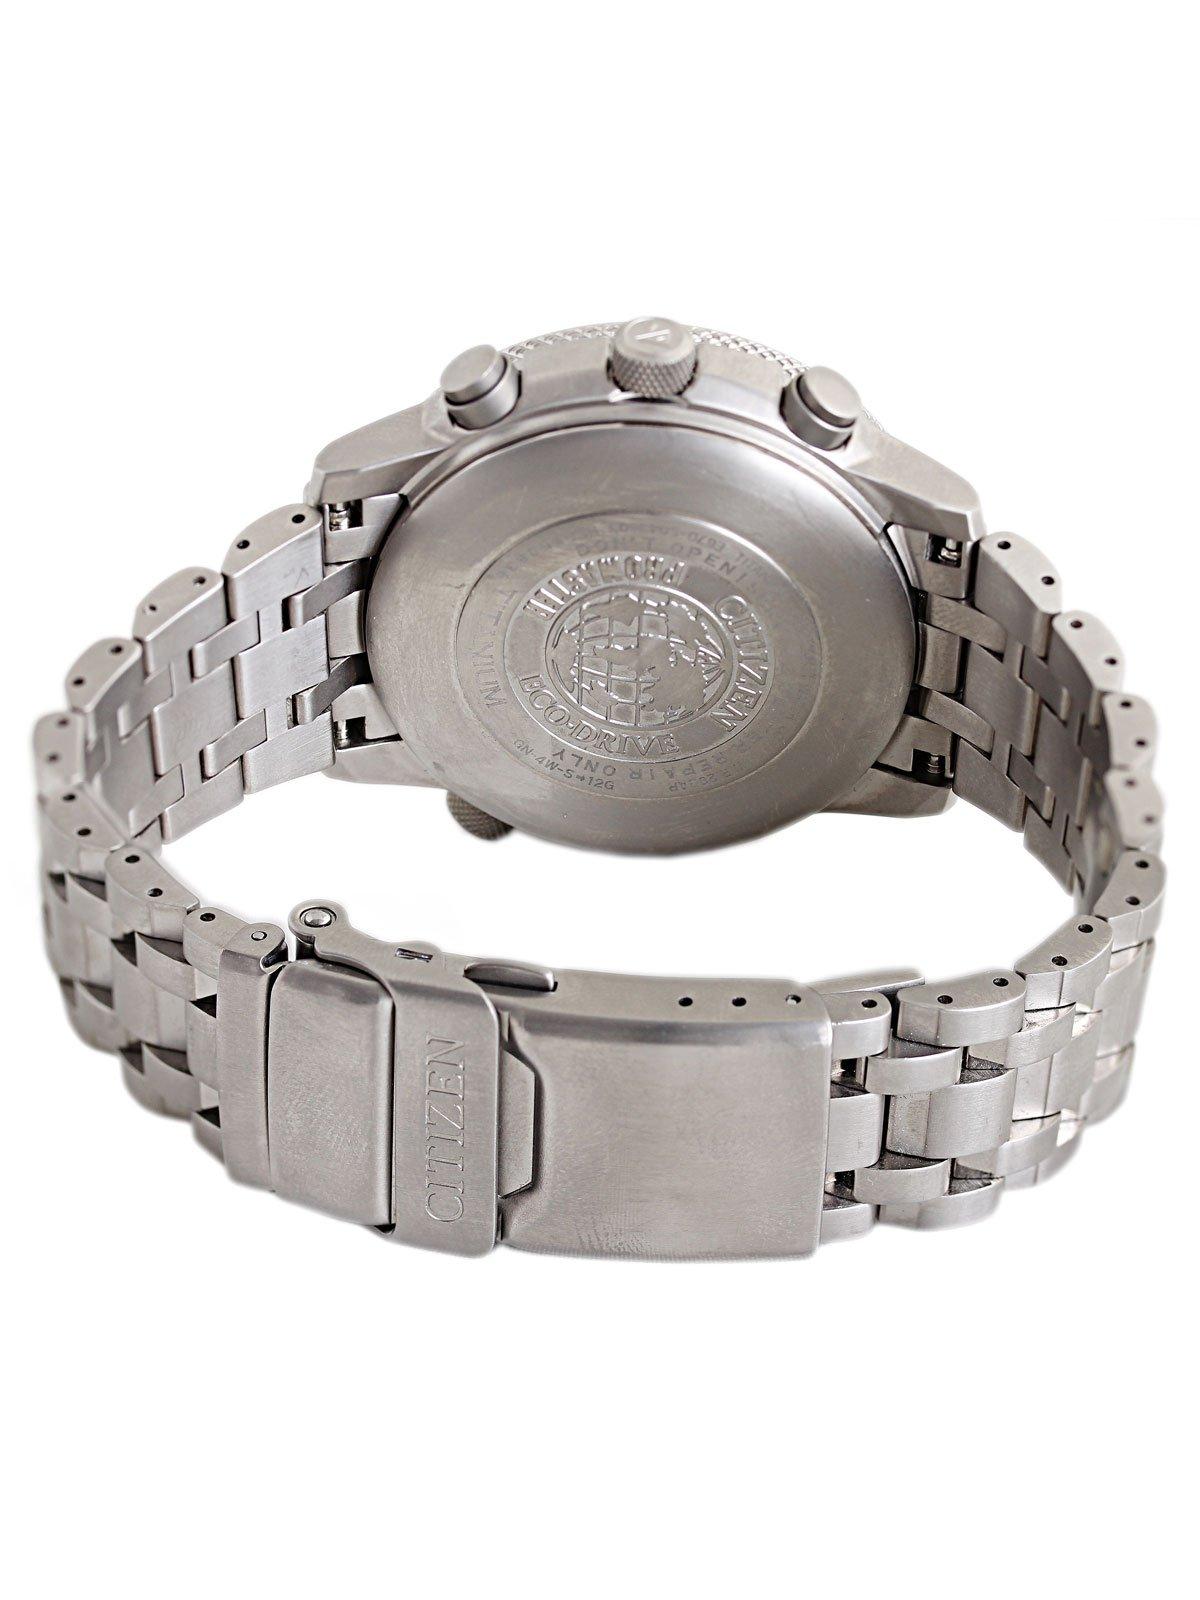 Citizen AS4050-51E - Reloj cronógrafo Ecodrive para hombre, correa de titanio color plateado 4